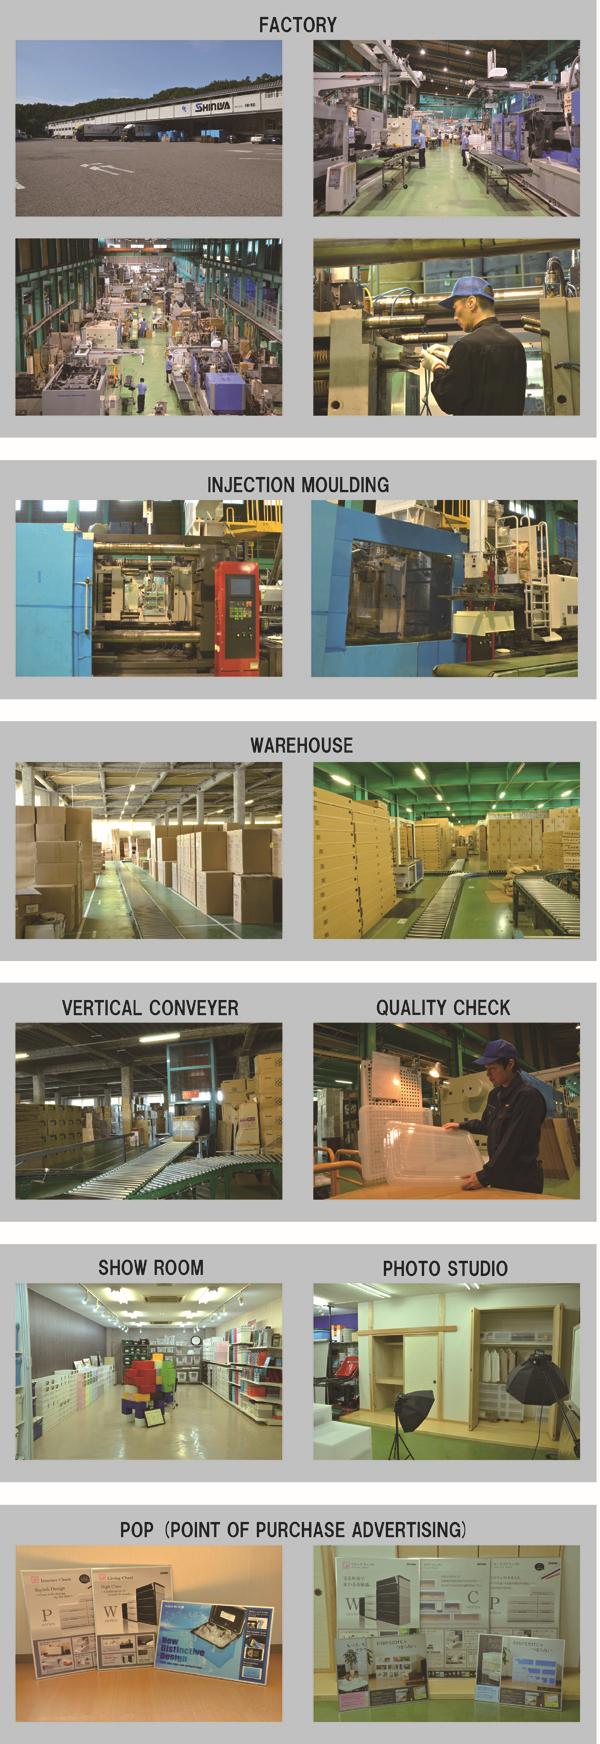 alibaba company information.jpg